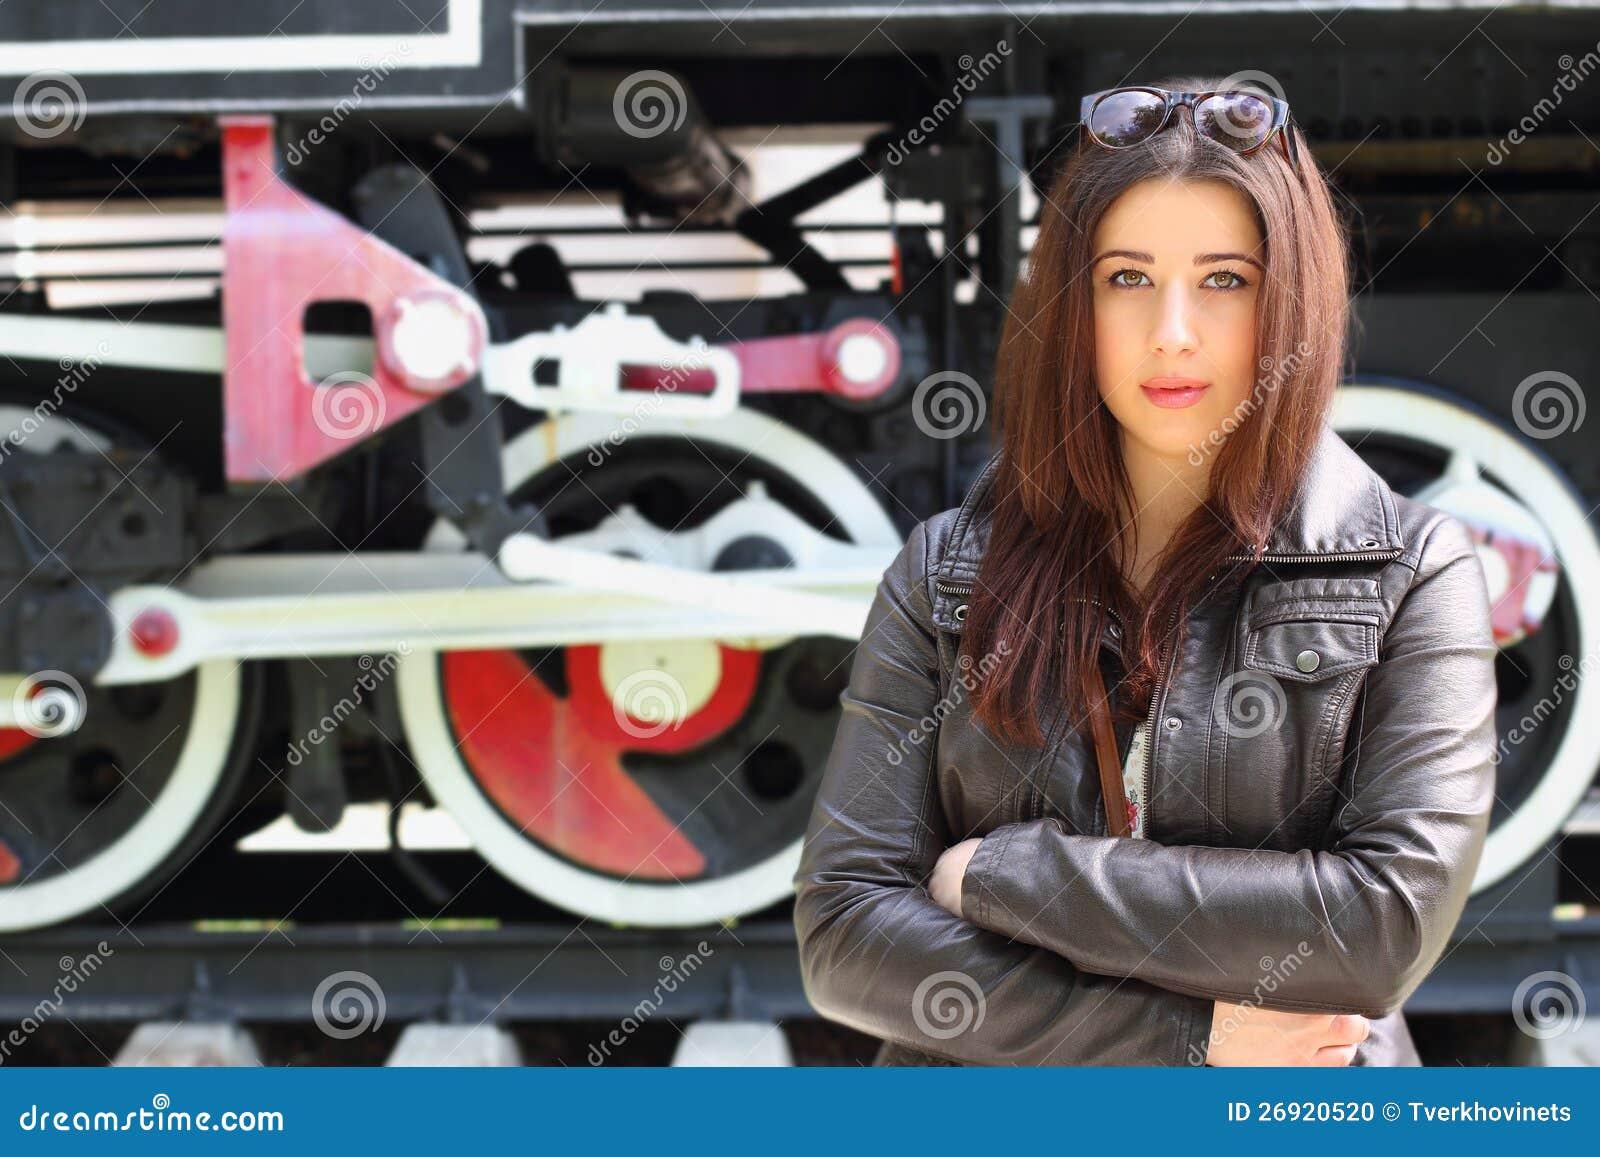 Девушки и паровозы фото